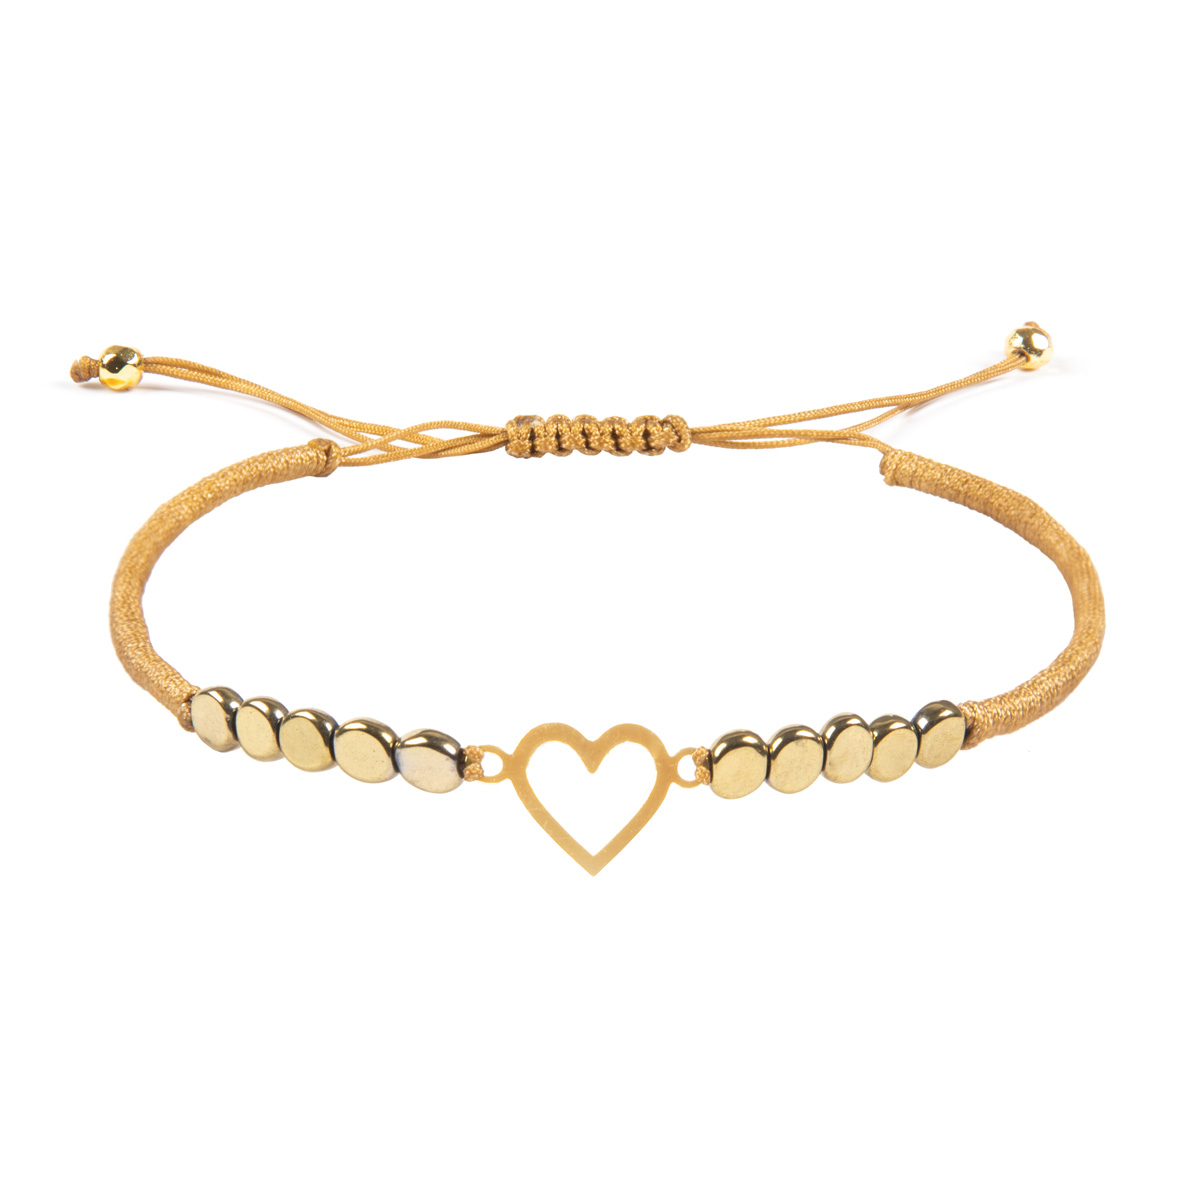 دستبند طلا ۱۸ عیار زنانه ریسه گالری کد Ri3-H1176